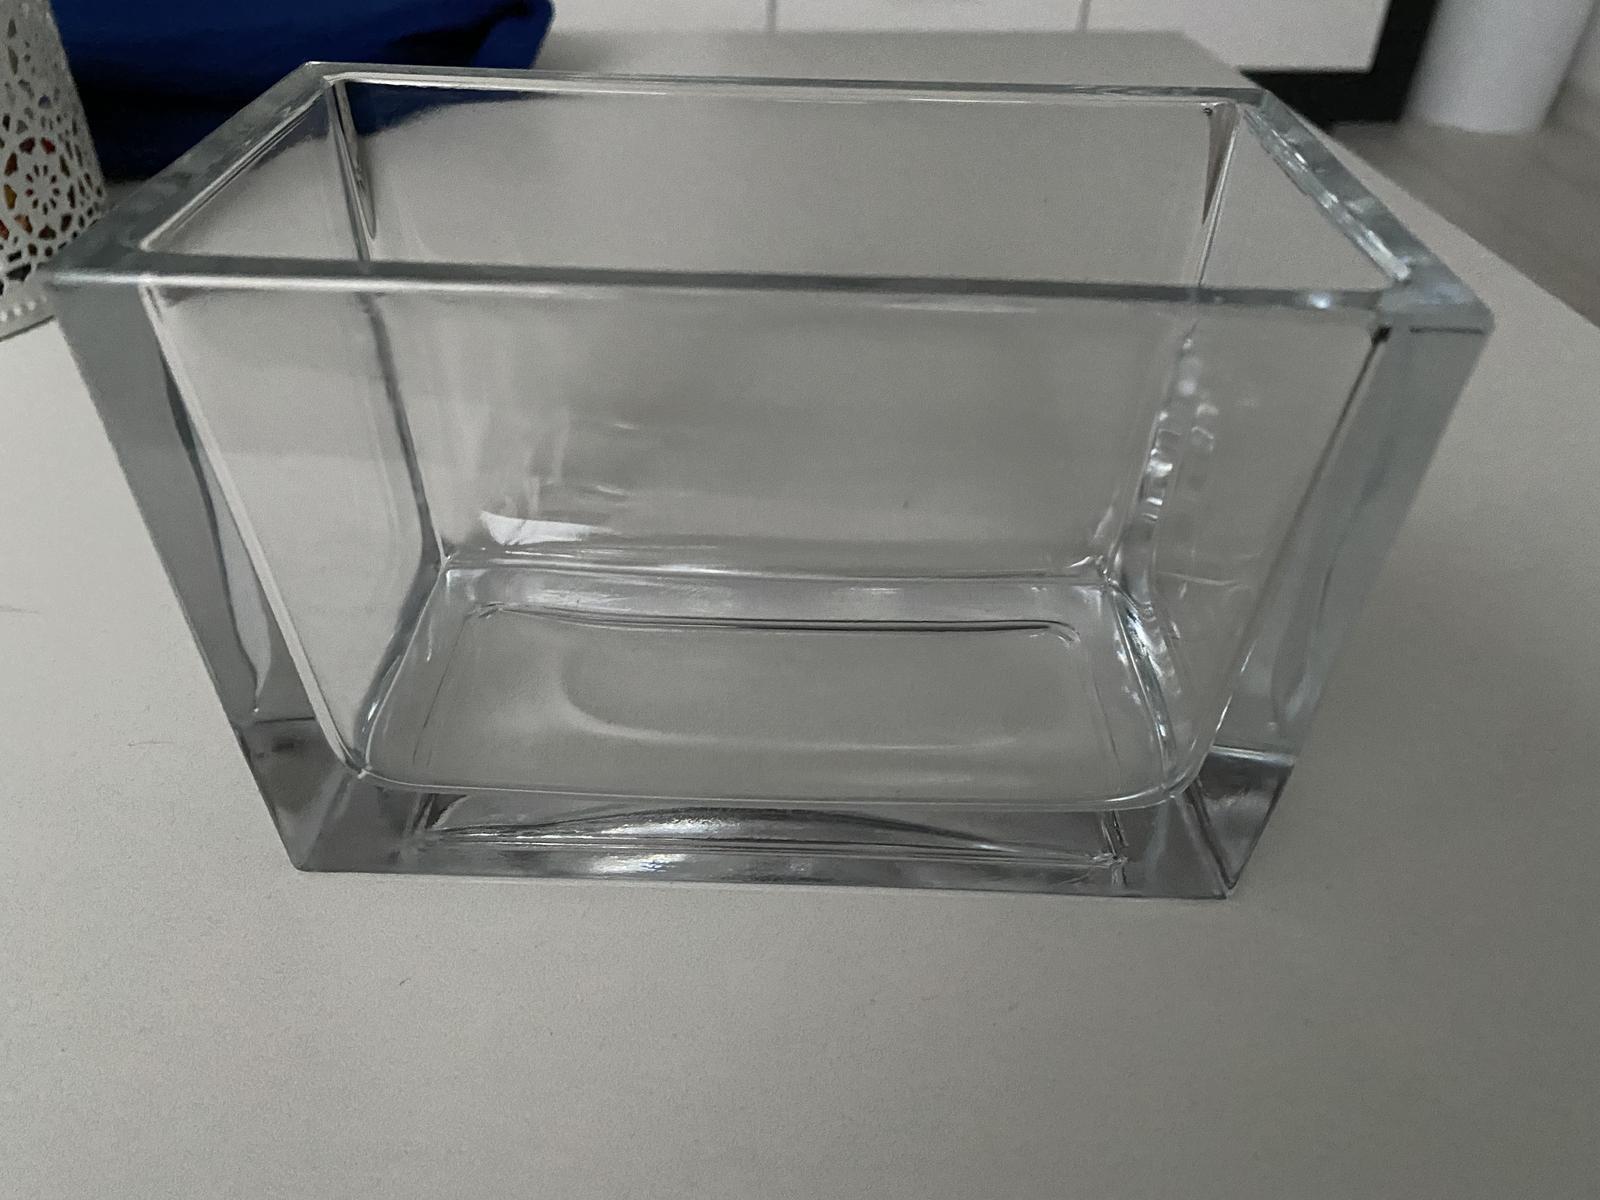 sklenená nádoba - Obrázok č. 1